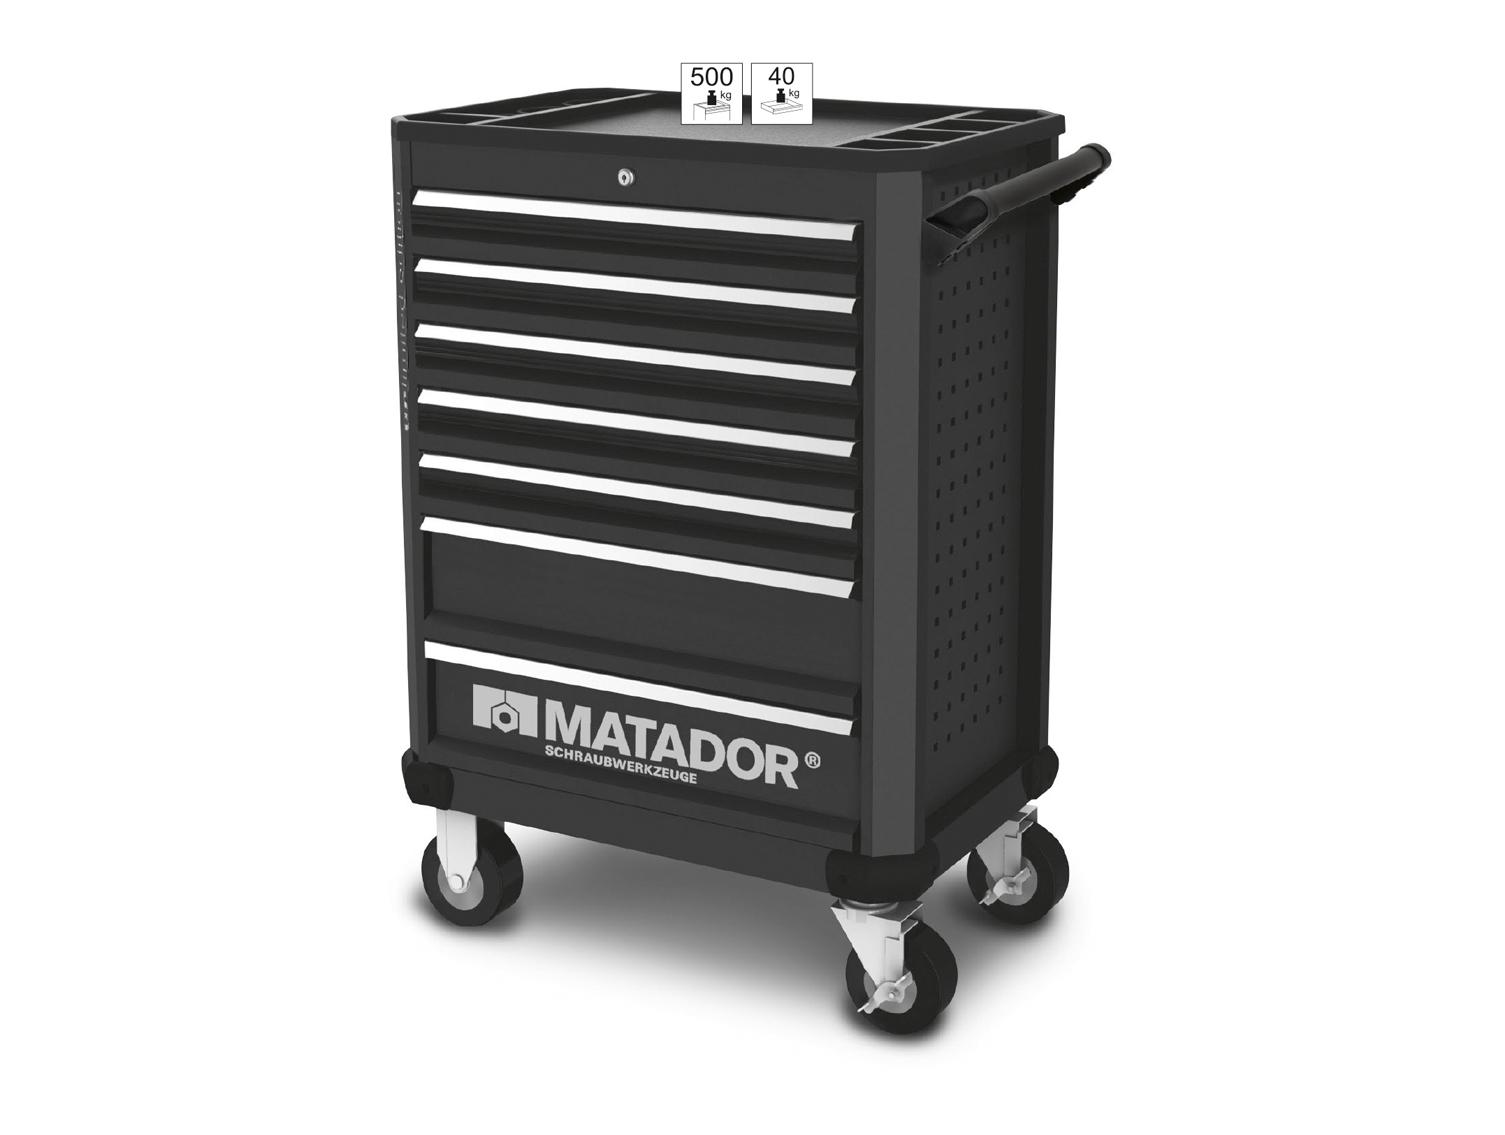 RATIO TRUCK, 201-tlg., MATADOR 81639561